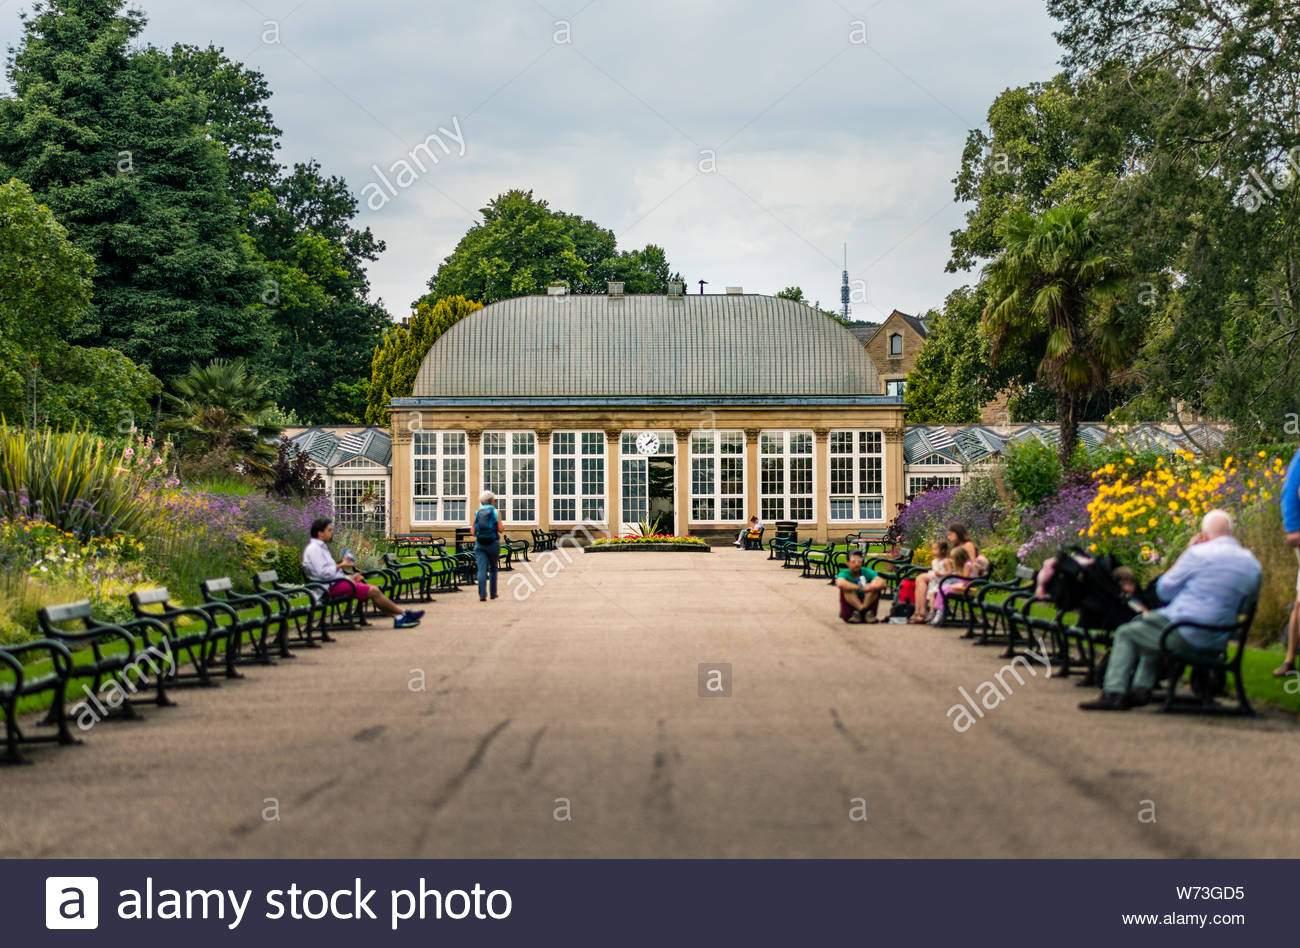 gewachshaus in sheffield botanischer garten sommer 2019 w73gd5